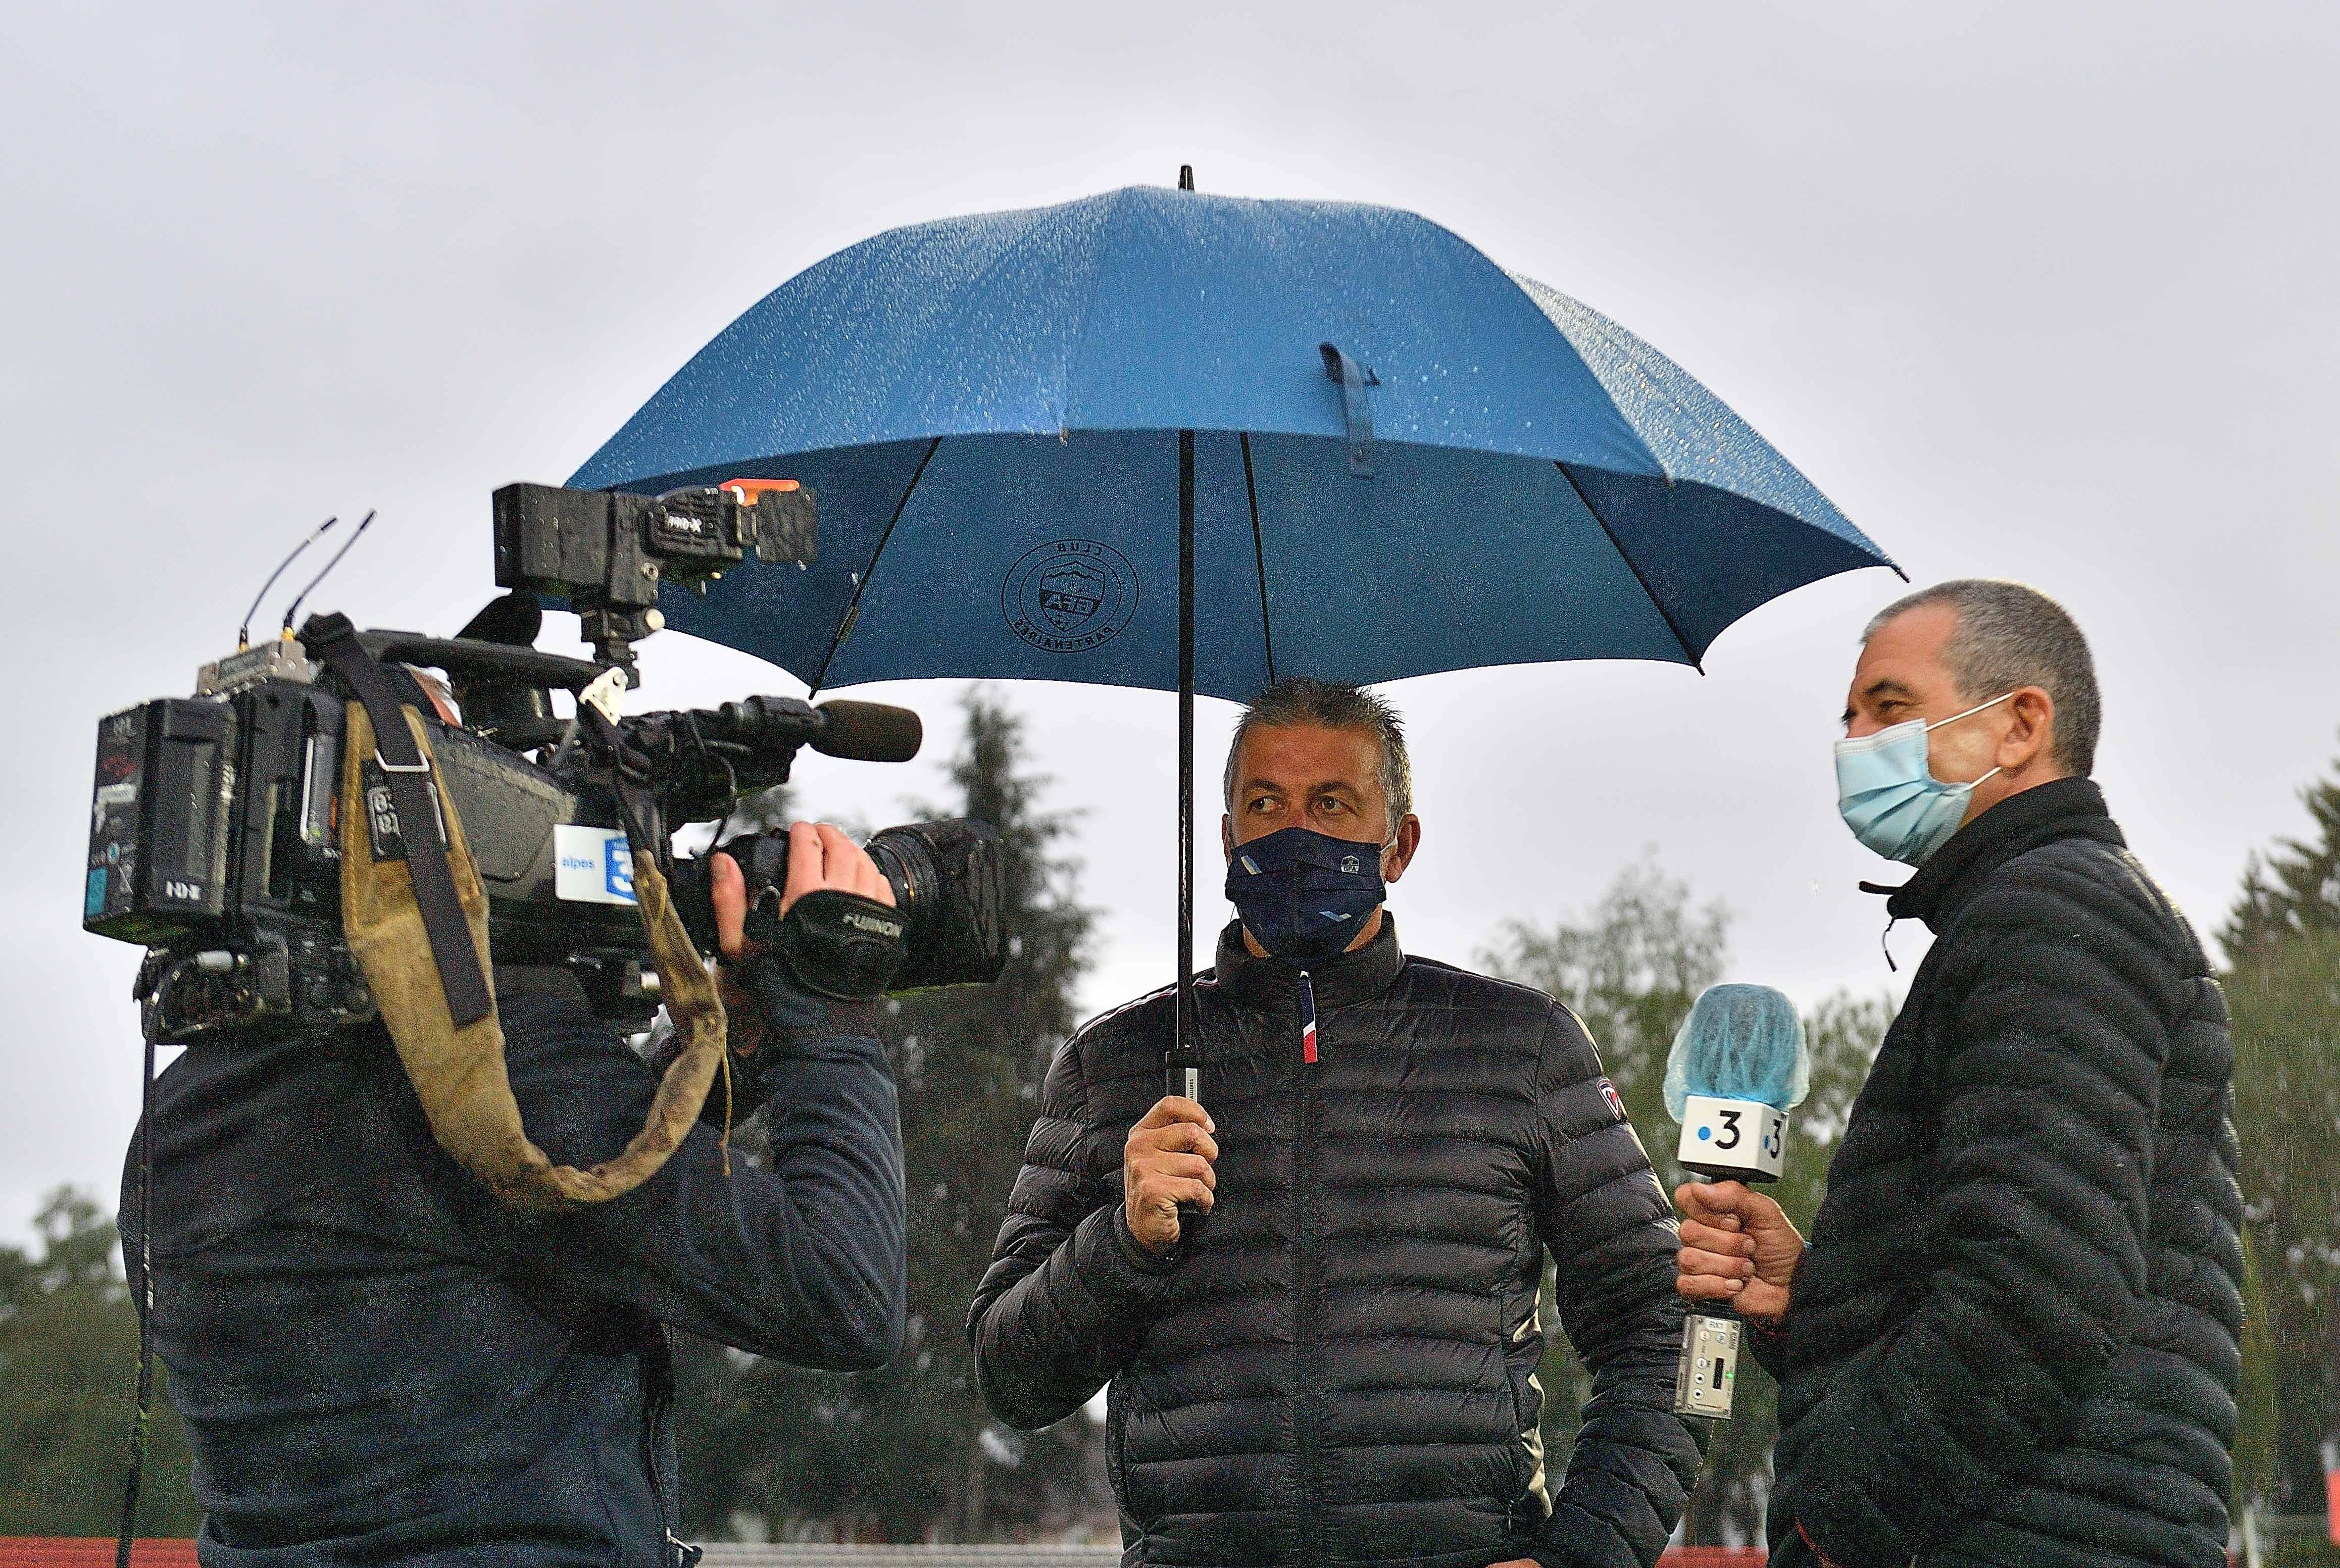 Les équipes de France Télévisions, qui diffusera la rencontre demain, n sont venus suivre l'entraînement